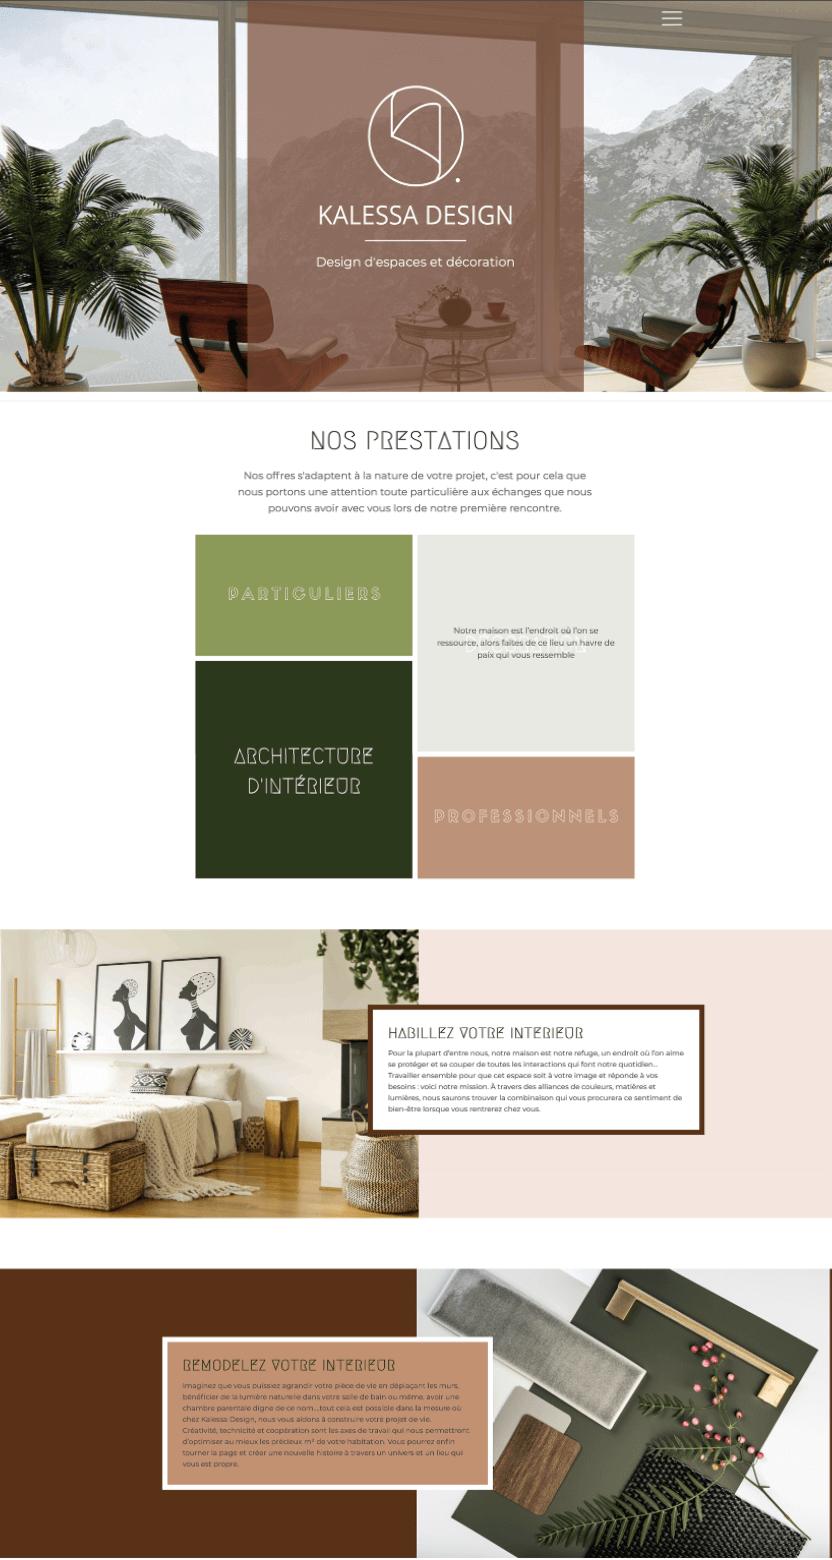 Kalessa Design architecte intérieur projet site web, one page, création contenu, seo, stratégie digitale, référencement, structure UX projet Marwee consultant web Cruseilles